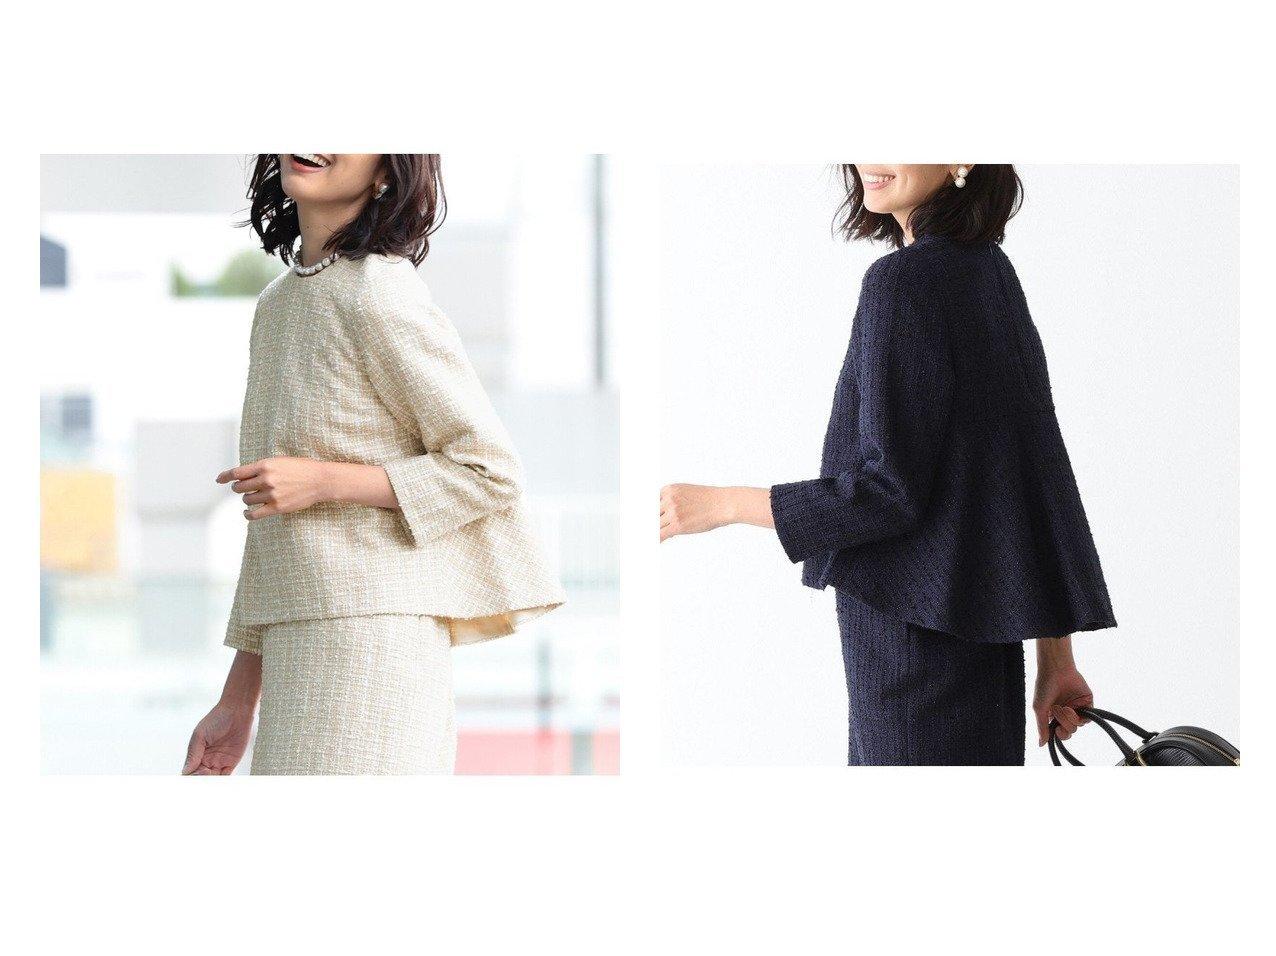 【Demi-Luxe BEAMS/デミルクス ビームス】のDemi- バックフレア ツイードプルオーバー 21FO トップス・カットソーのおすすめ!人気、トレンド・レディースファッションの通販  おすすめで人気の流行・トレンド、ファッションの通販商品 メンズファッション・キッズファッション・インテリア・家具・レディースファッション・服の通販 founy(ファニー) https://founy.com/ ファッション Fashion レディースファッション WOMEN トップス Tops Tshirt シャツ/ブラウス Shirts Blouses プルオーバー Pullover バッグ Bag セットアップ ツイード フォーマル フレア |ID:crp329100000010519